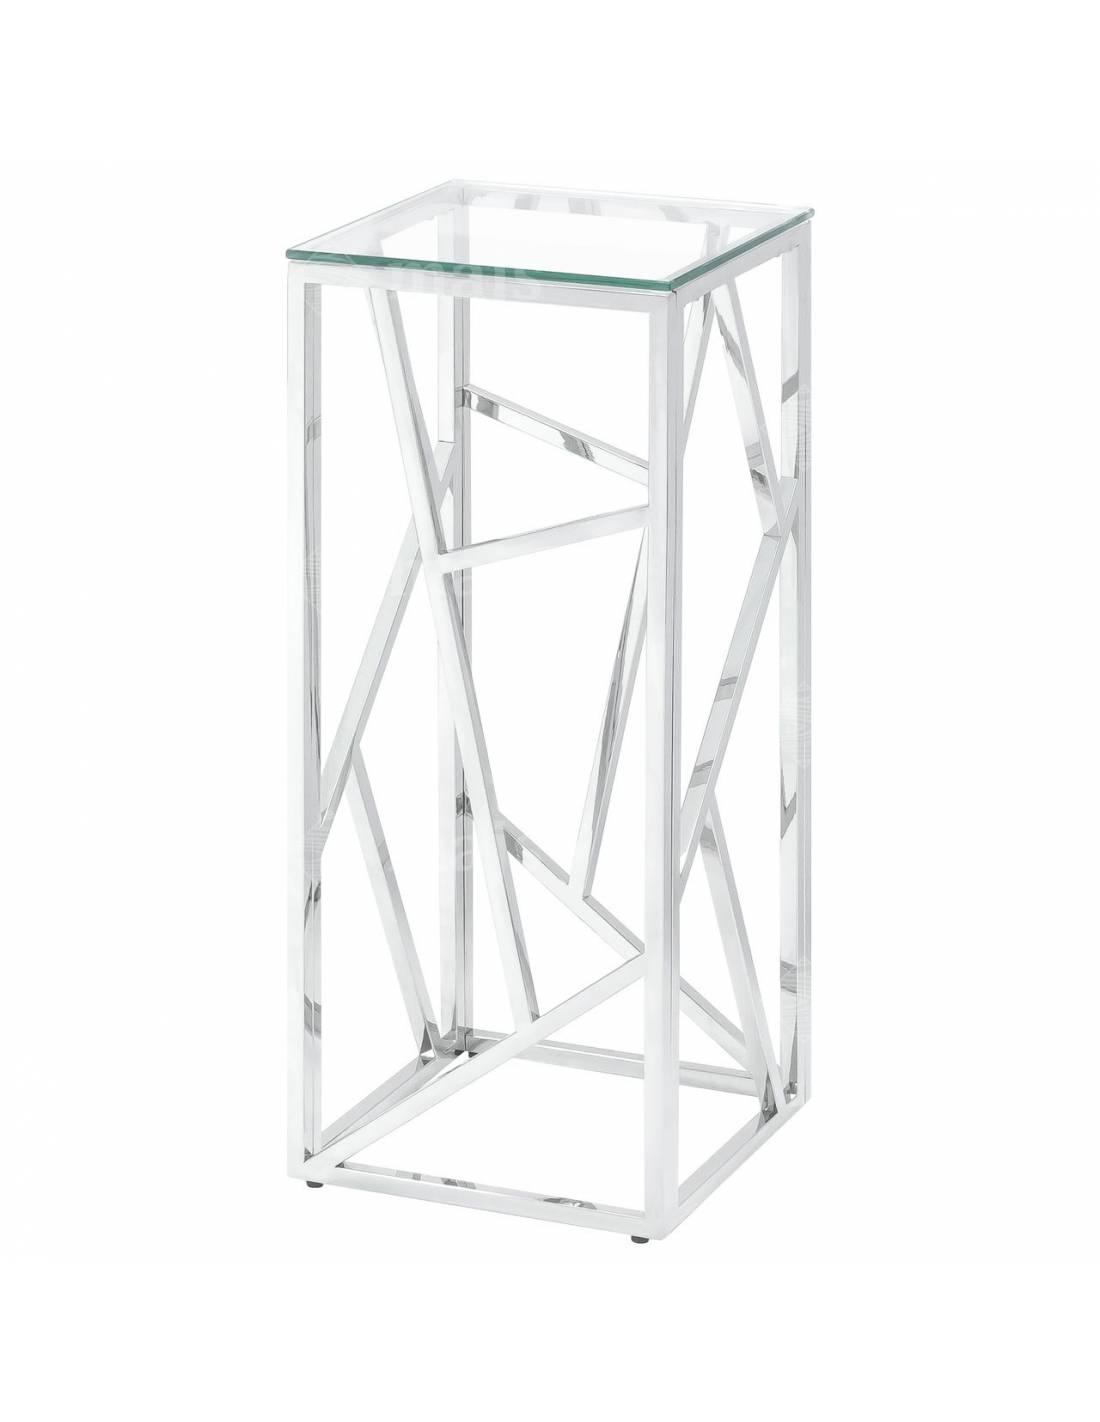 Stolik wysoki kwietnik srebrny chromowany ze szklanym blatem